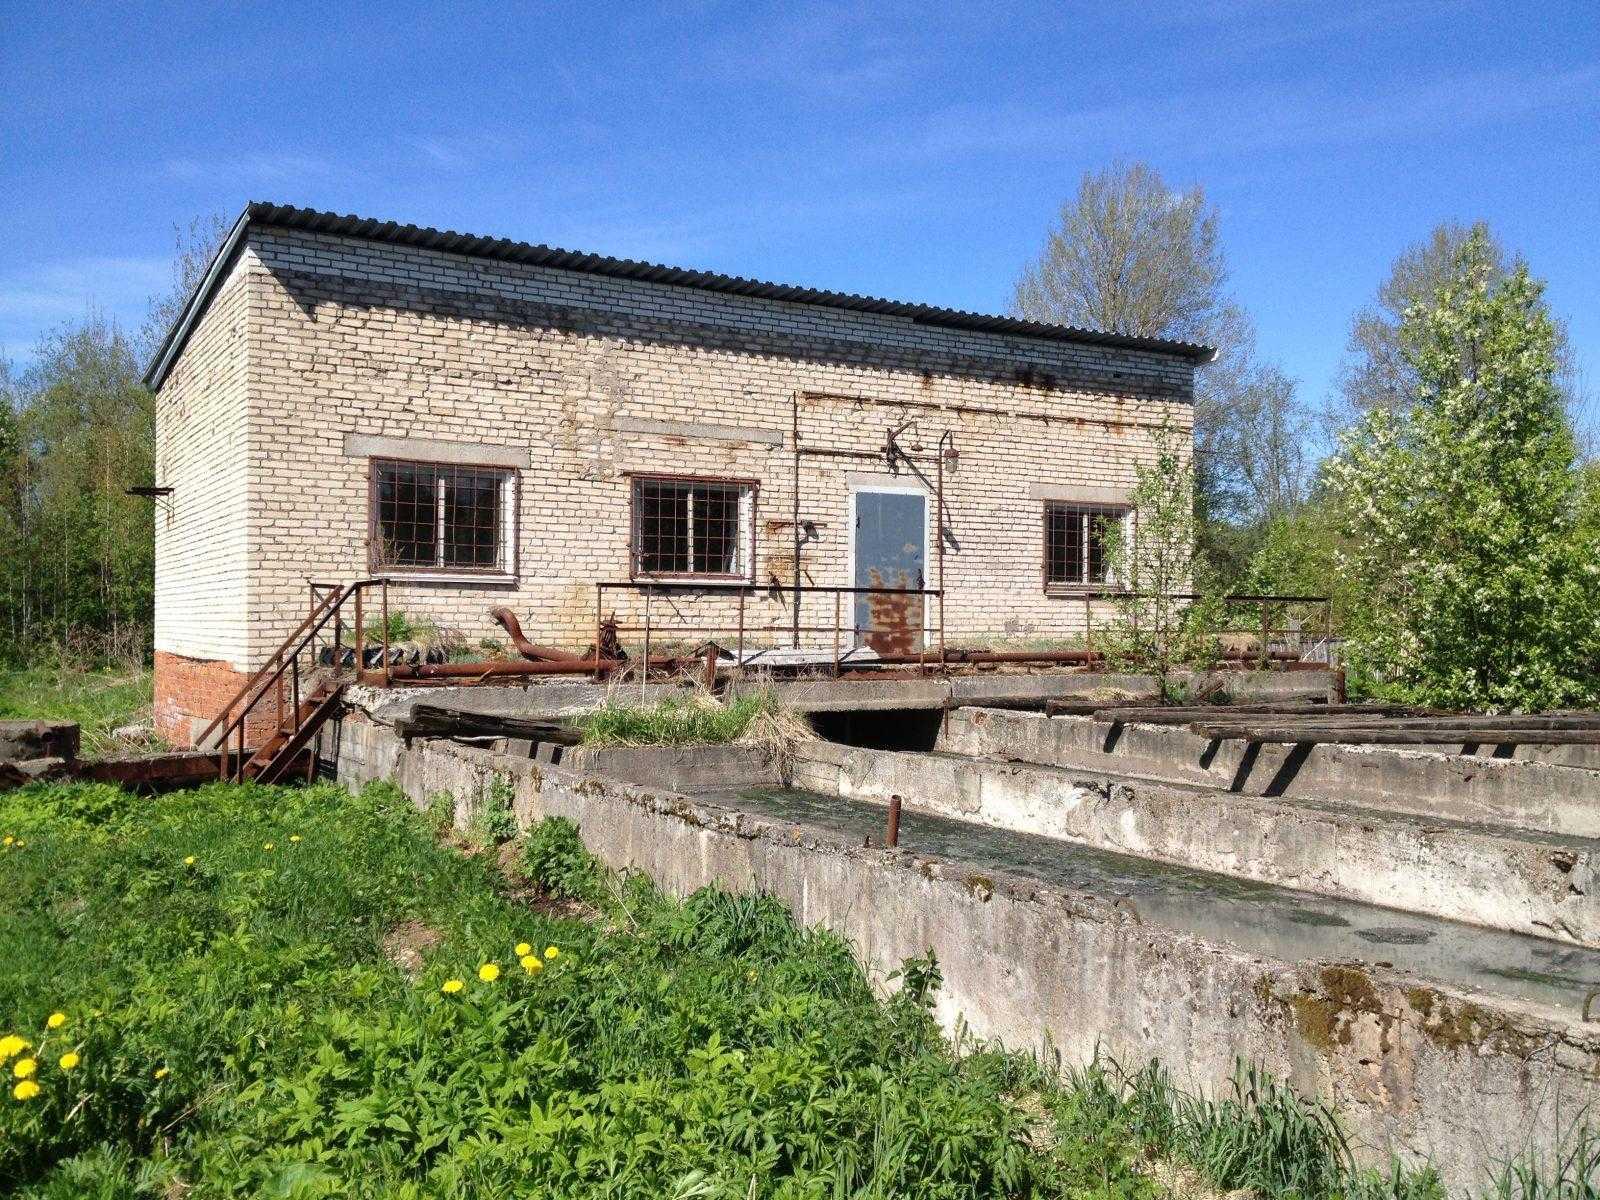 ООО «АКВА-ДЕЛЬТА» провело обследование централизованной системы водоотведения и очистки сточных вод в деревне Мелегеж.